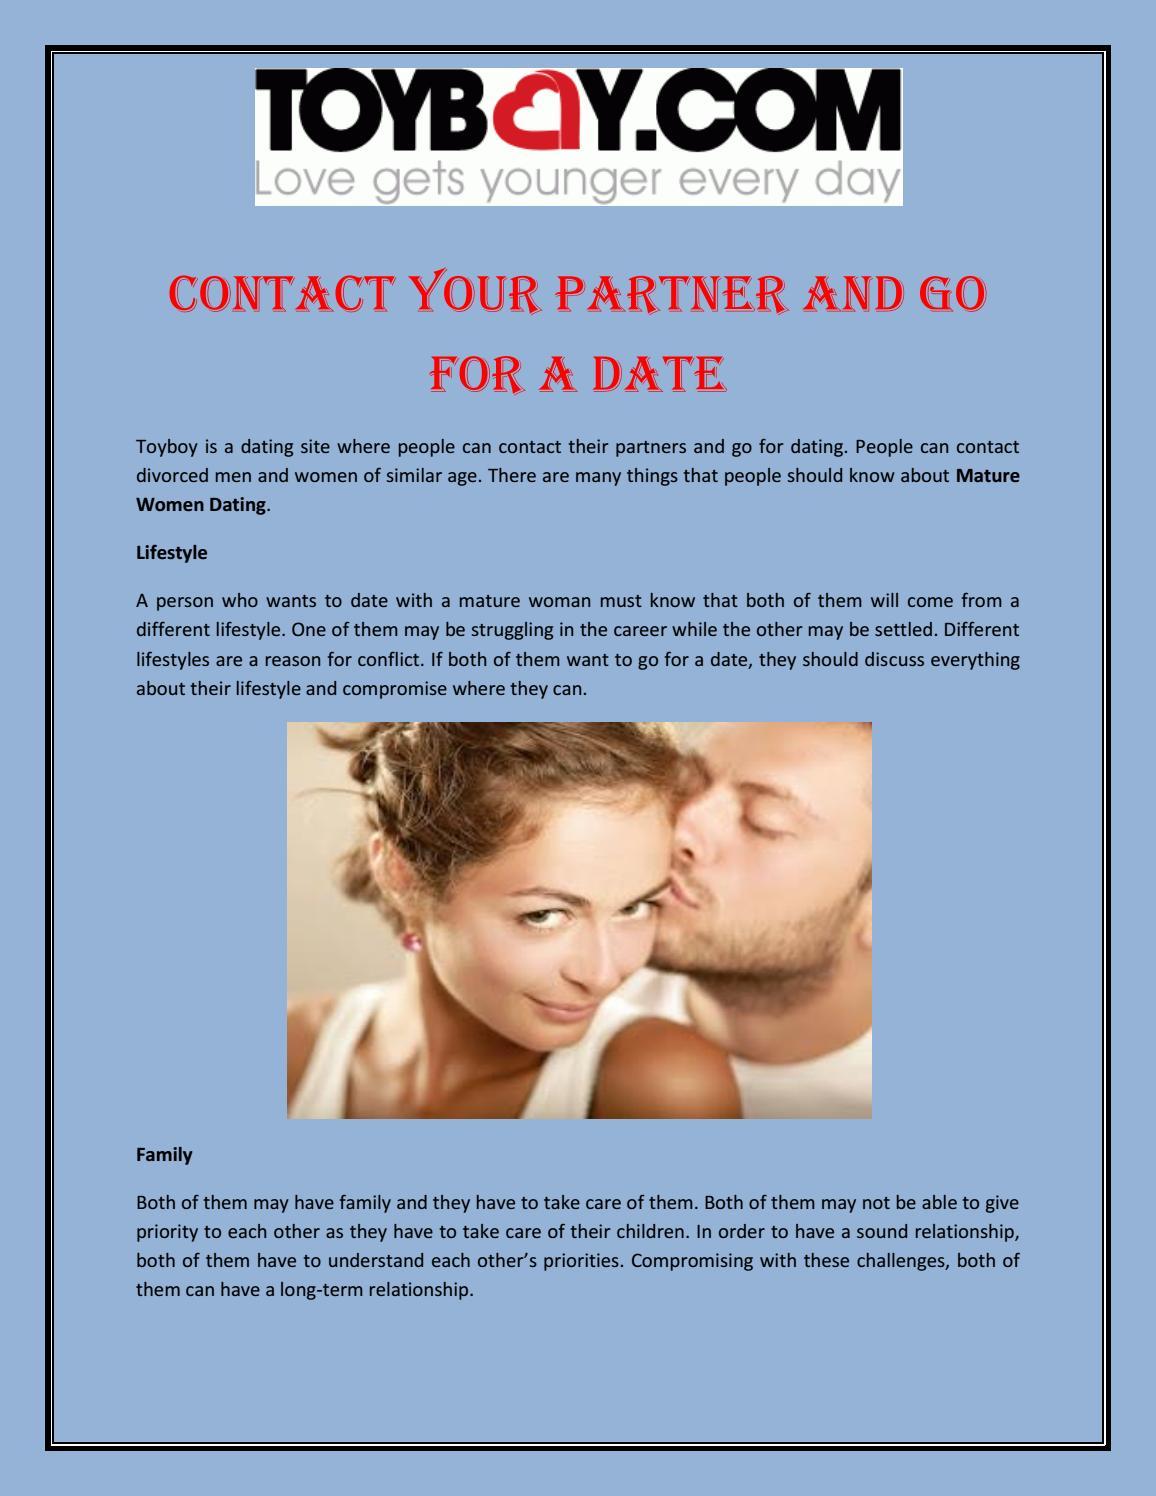 kuinka luotettava ovat online dating sites